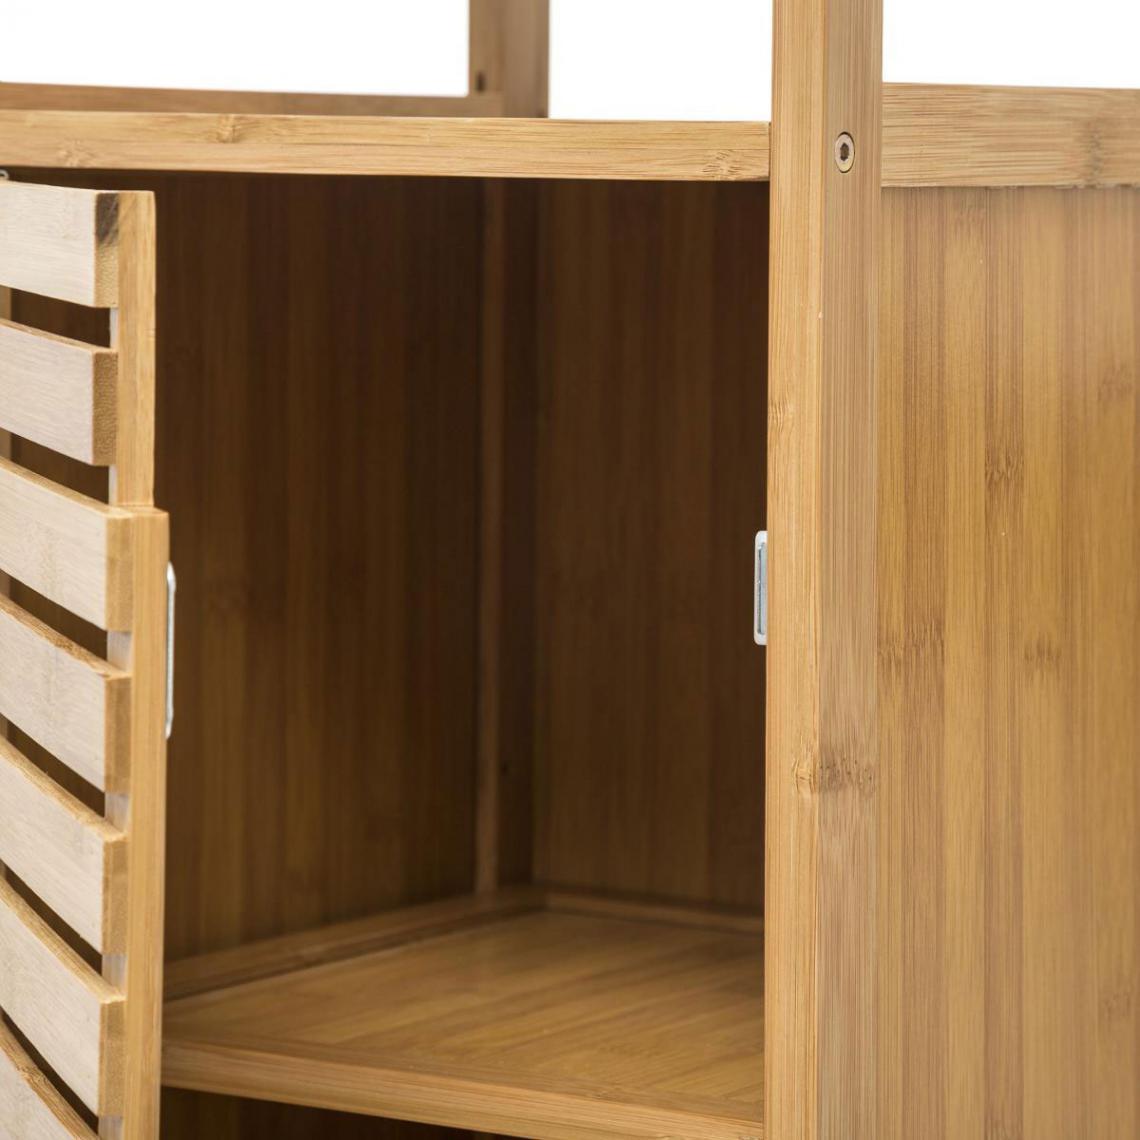 Meuble De Rangement En Bambou Beige Cepalo Plus De Détails concernant 3 Suisses Meuble Salle De Bain